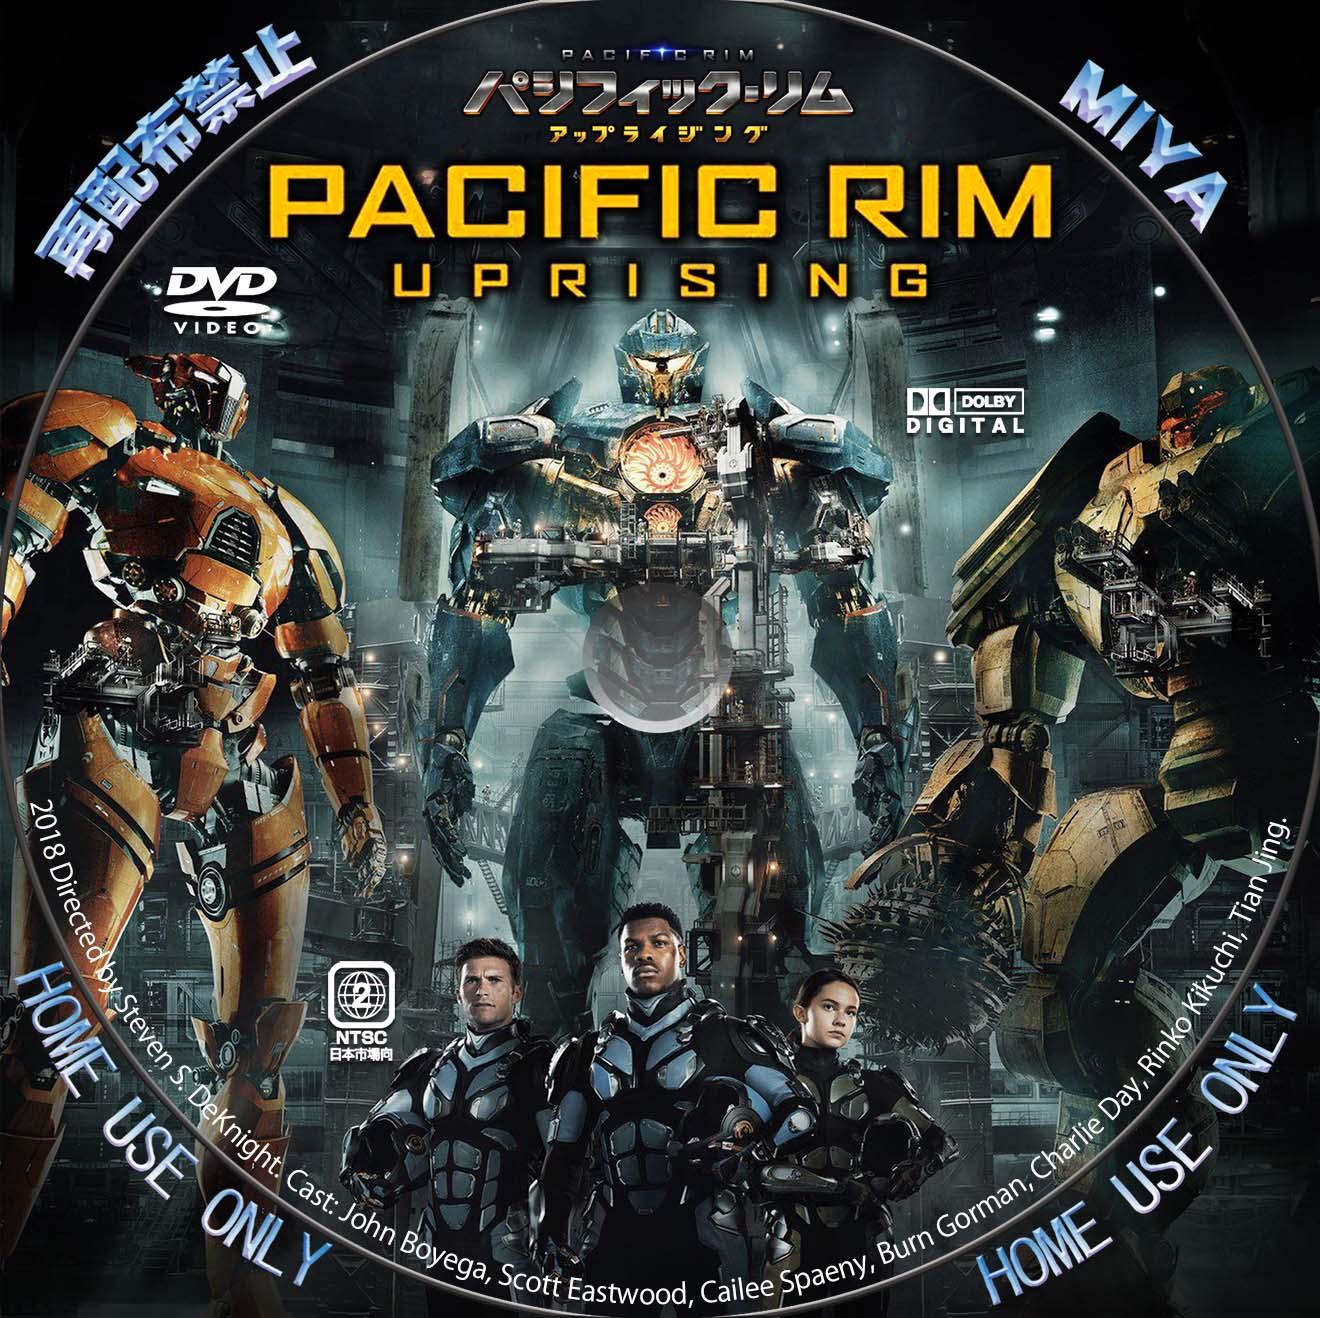 パシフィック・リム アップライジング DVD/BDレーベル